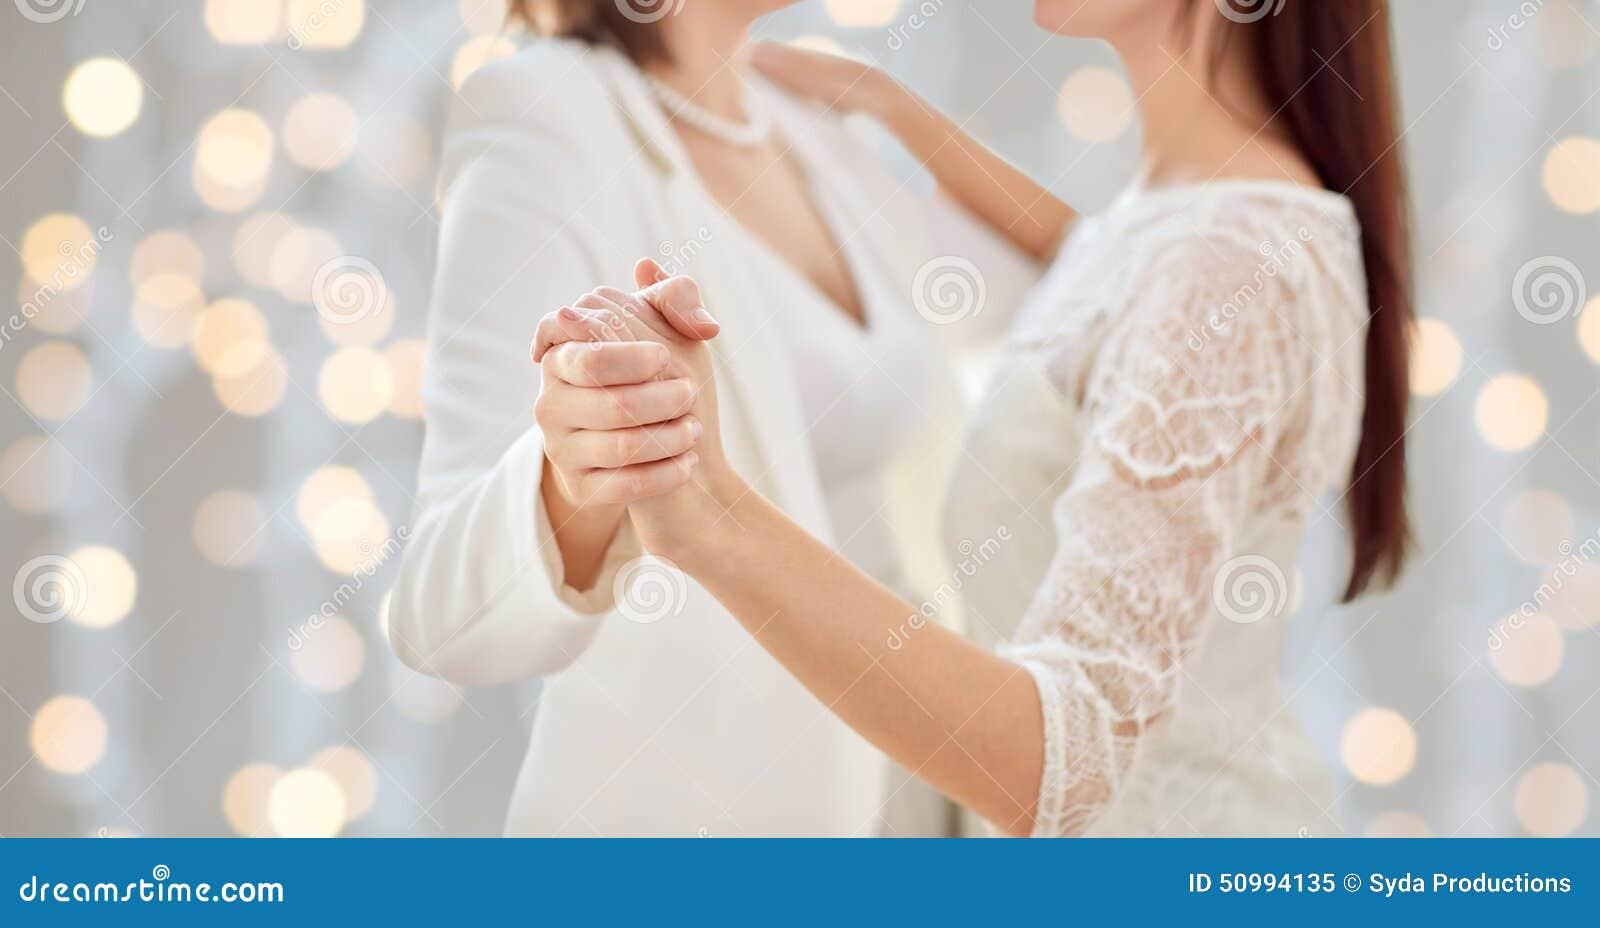 人们,同性恋,同性婚姻和爱概念-接近愉快的结婚的女同性恋的夫妇跳舞